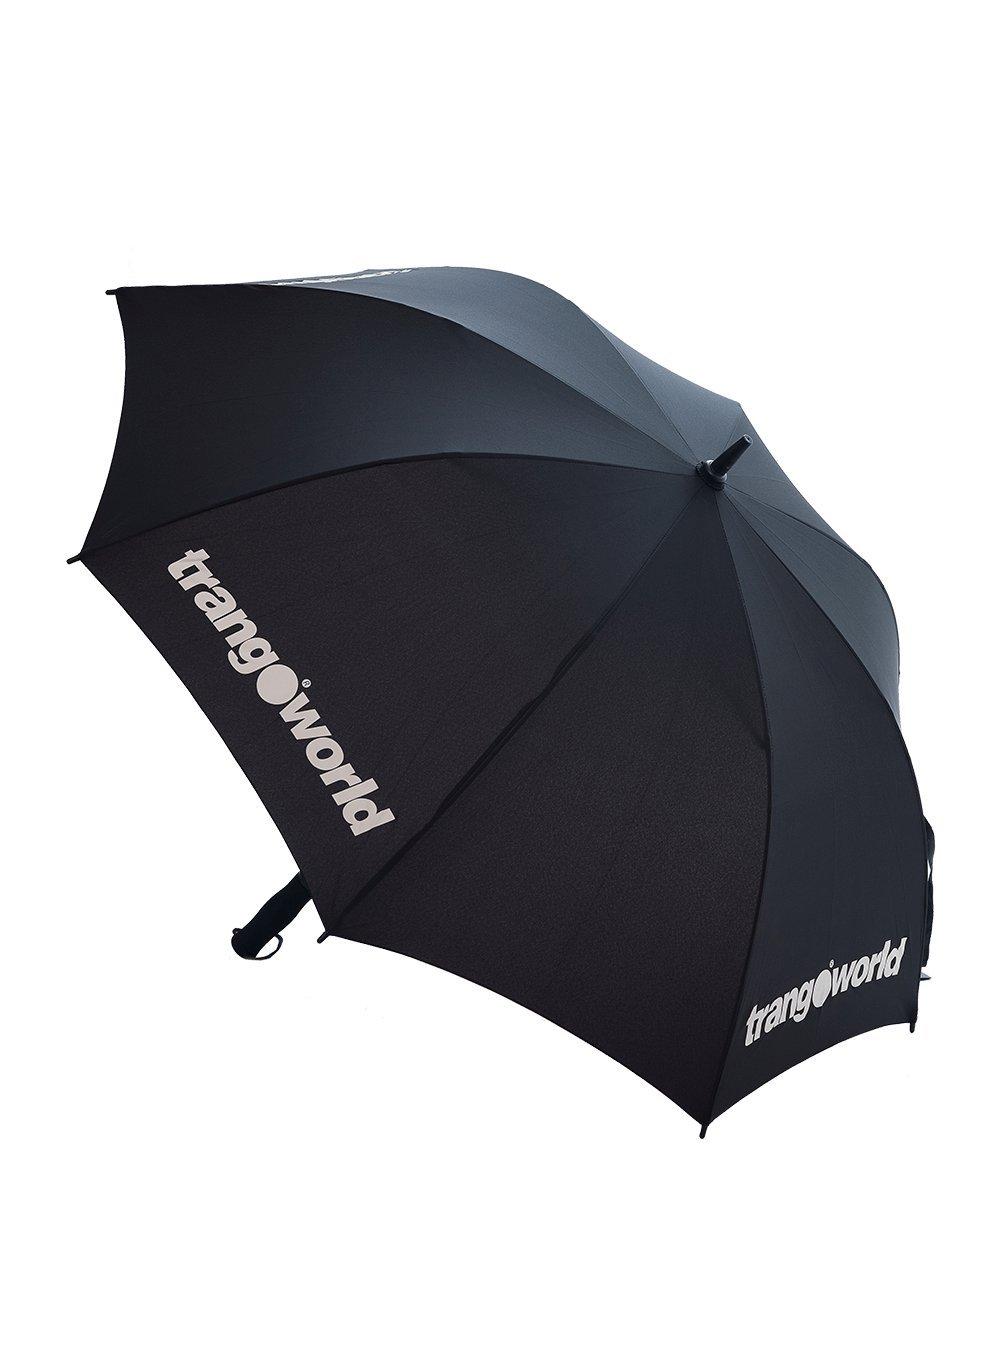 TRANGO Storm Plegable, Paraguas Plegable, Storm 30 cm, Negro/Blanco 2658e7